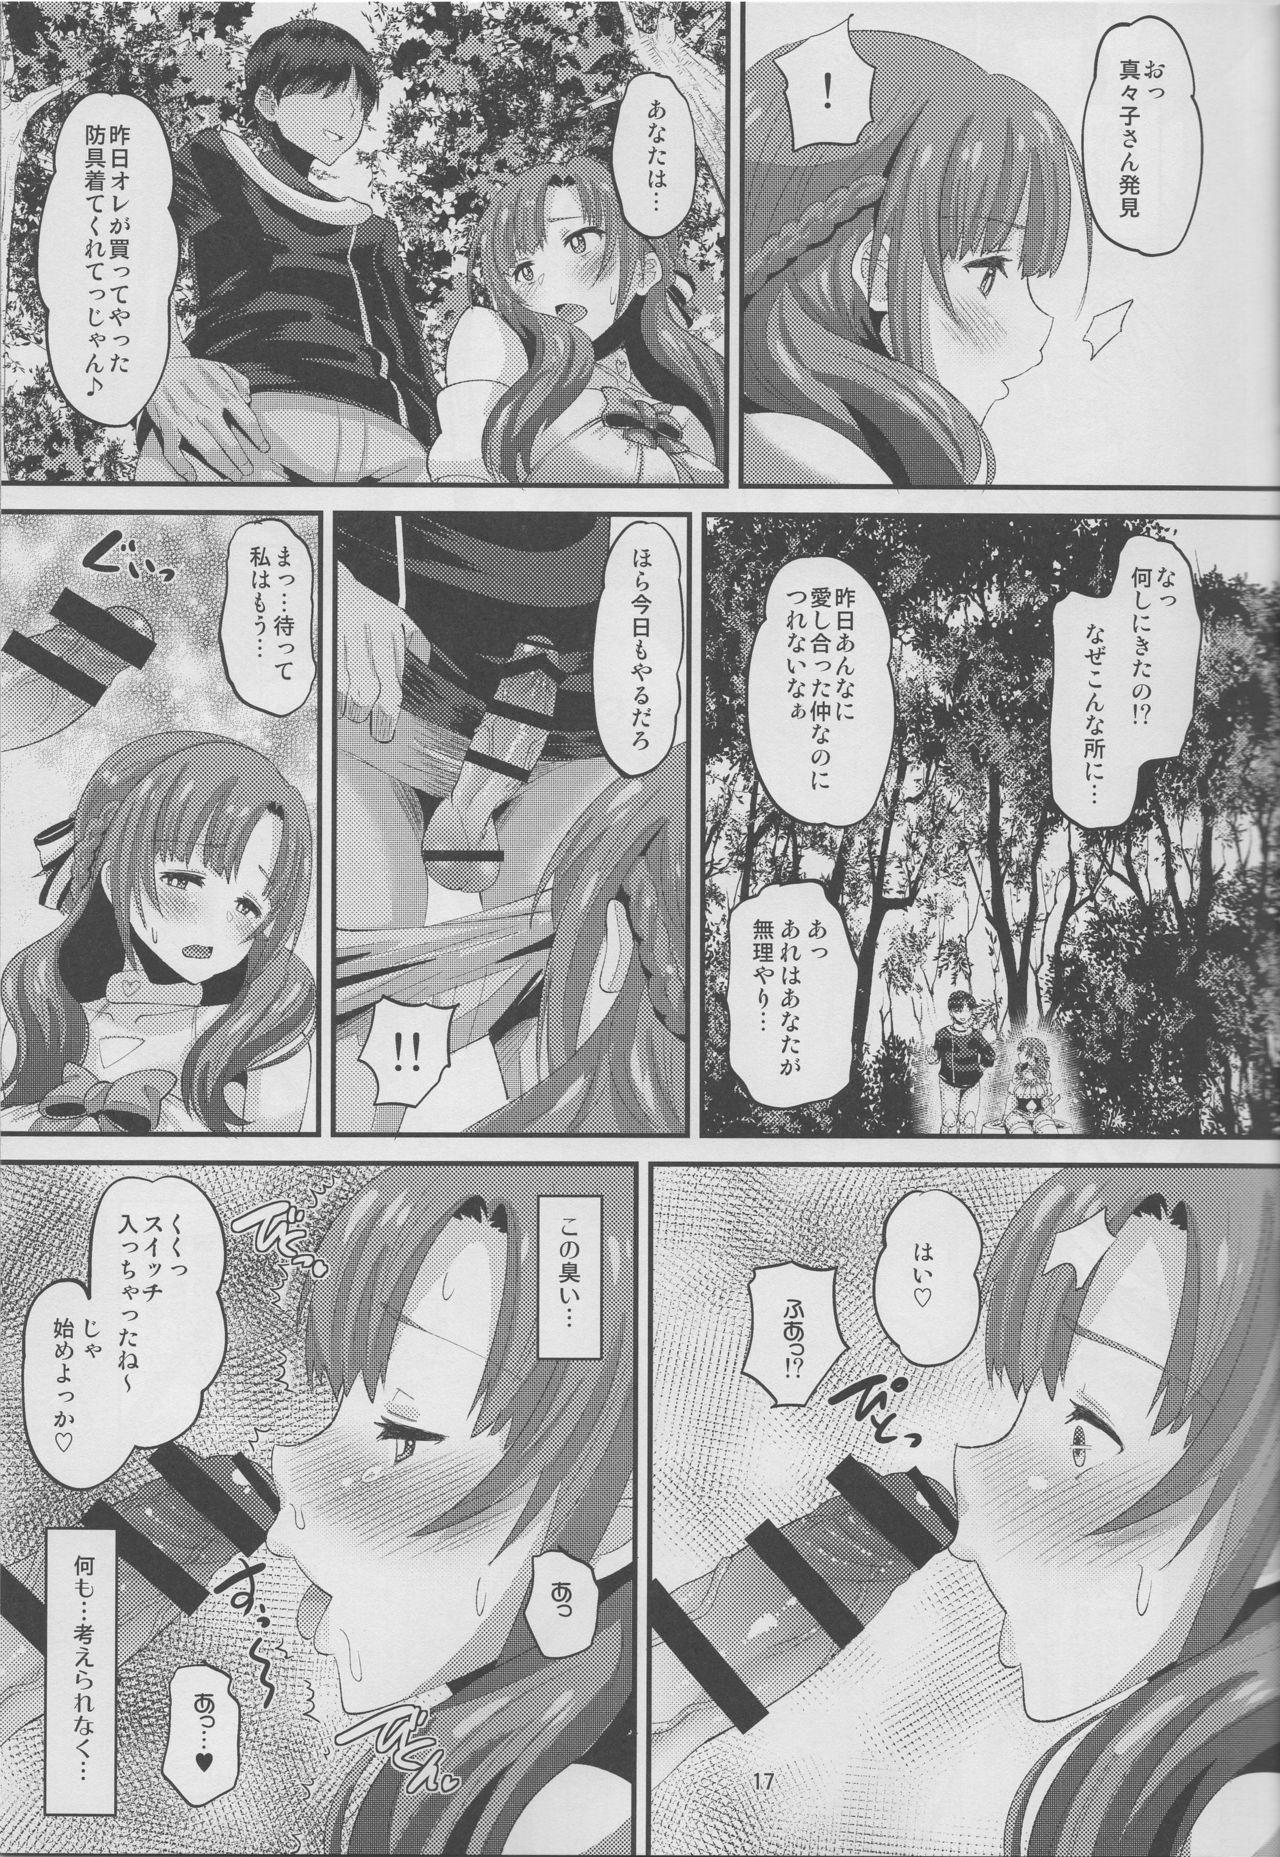 Musuko to Onaji Toshigoro no Otoko ni Otosareru Okaa-san wa Suki desu ka? 15